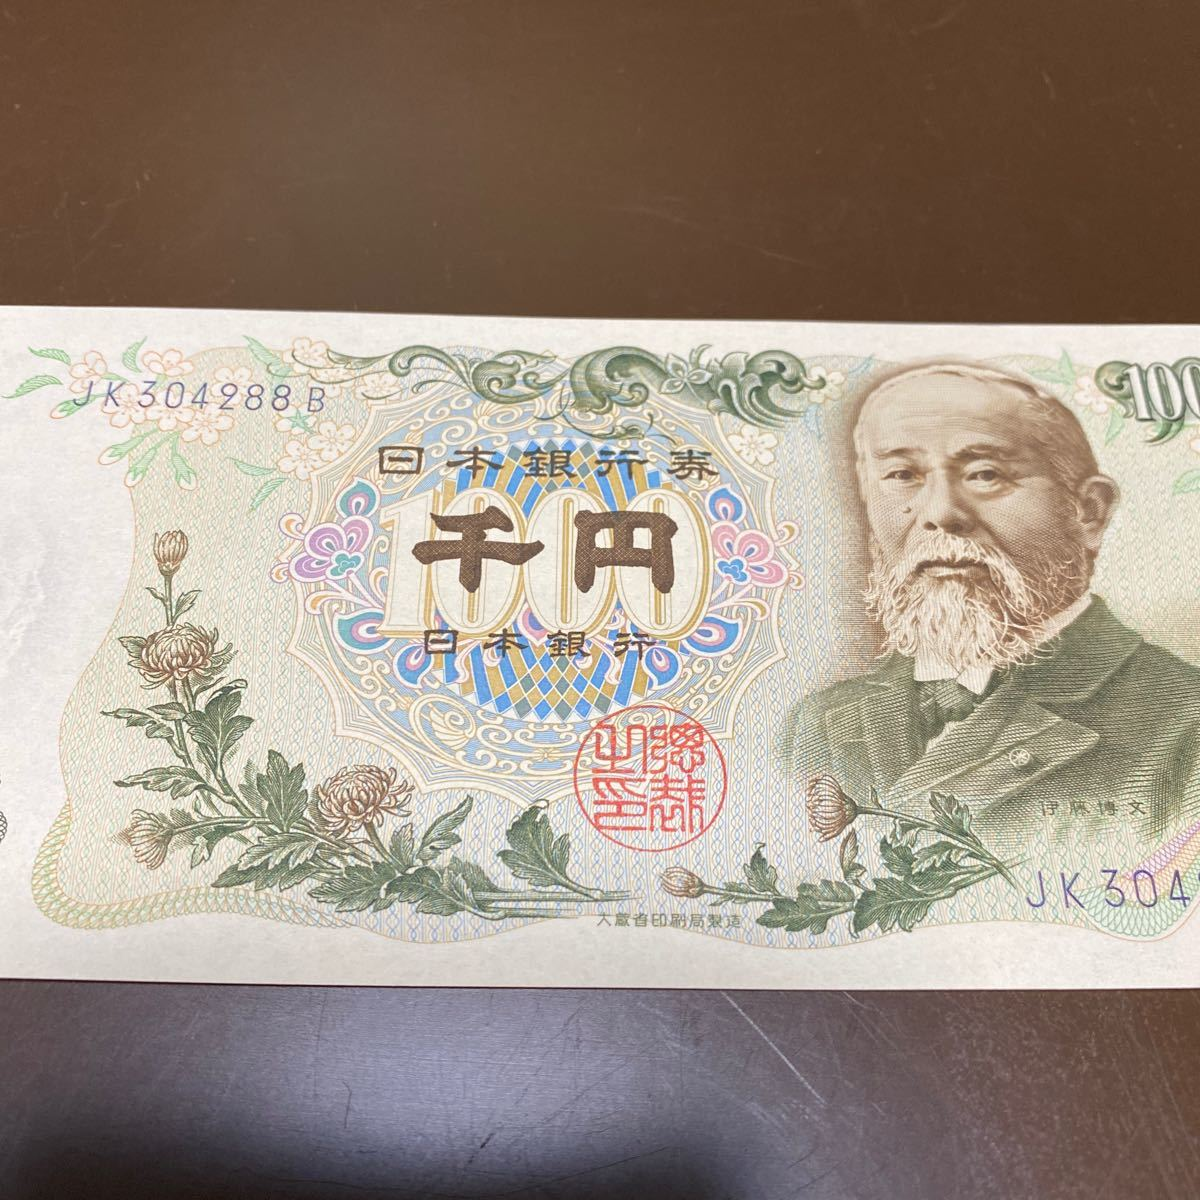 伊藤博文 1000円札 h_画像4